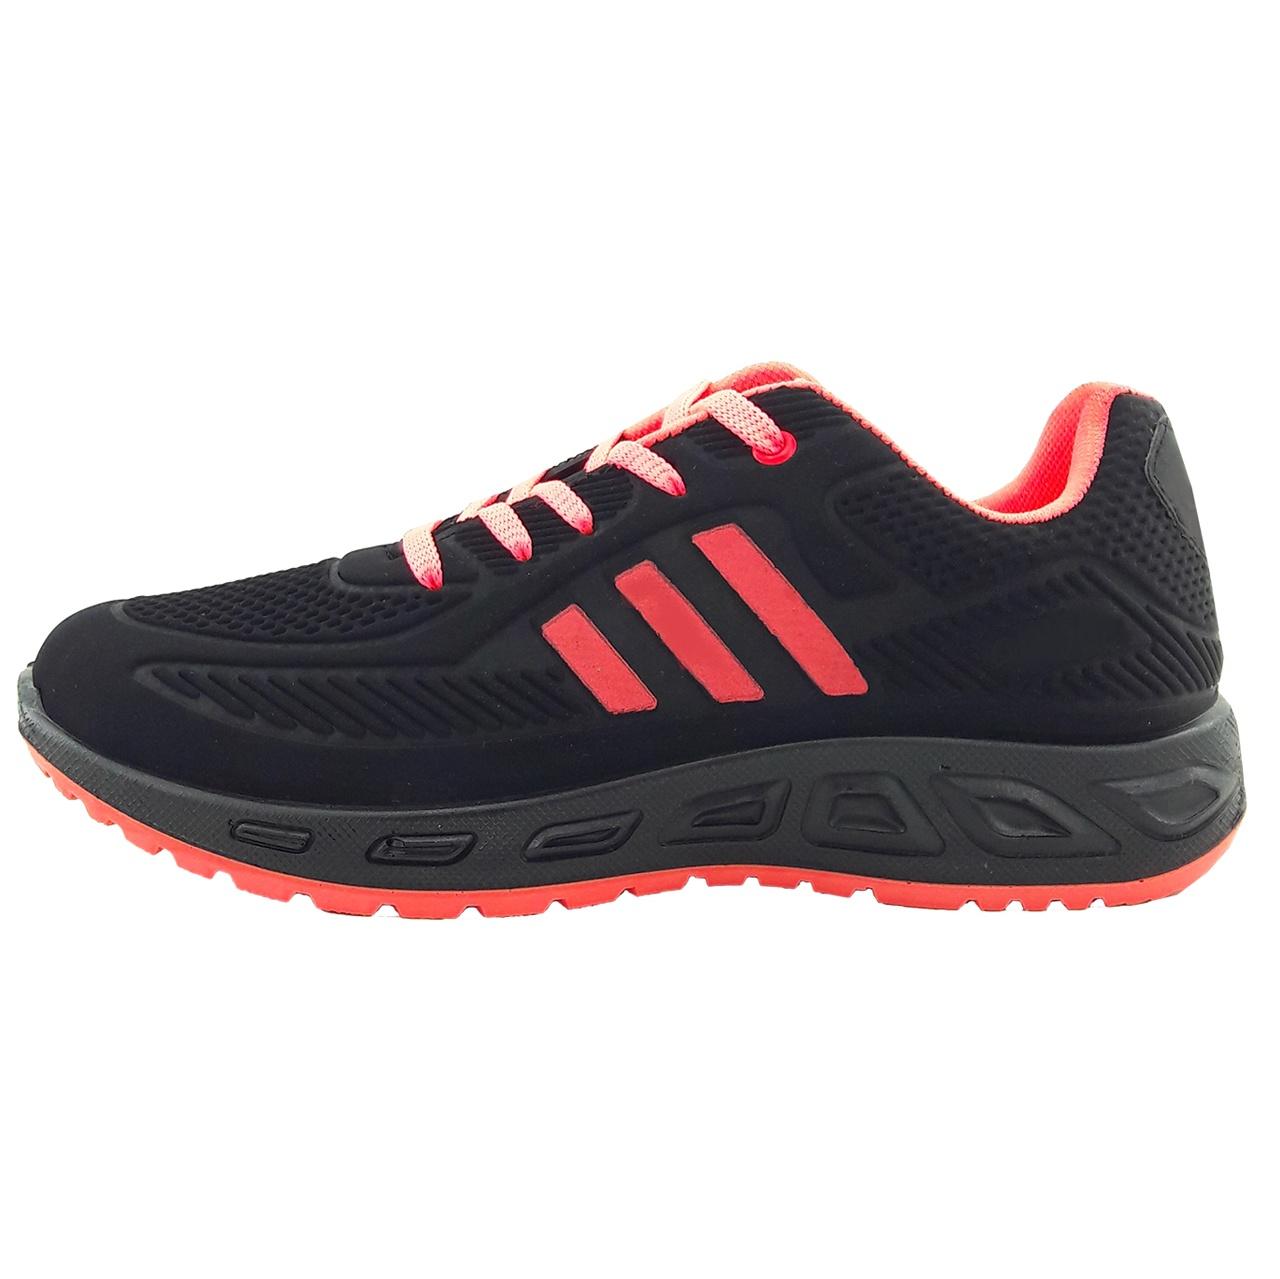 کفش مخصوص پیاده روی زنانه سورنا مدل 3kh.bl.rd001